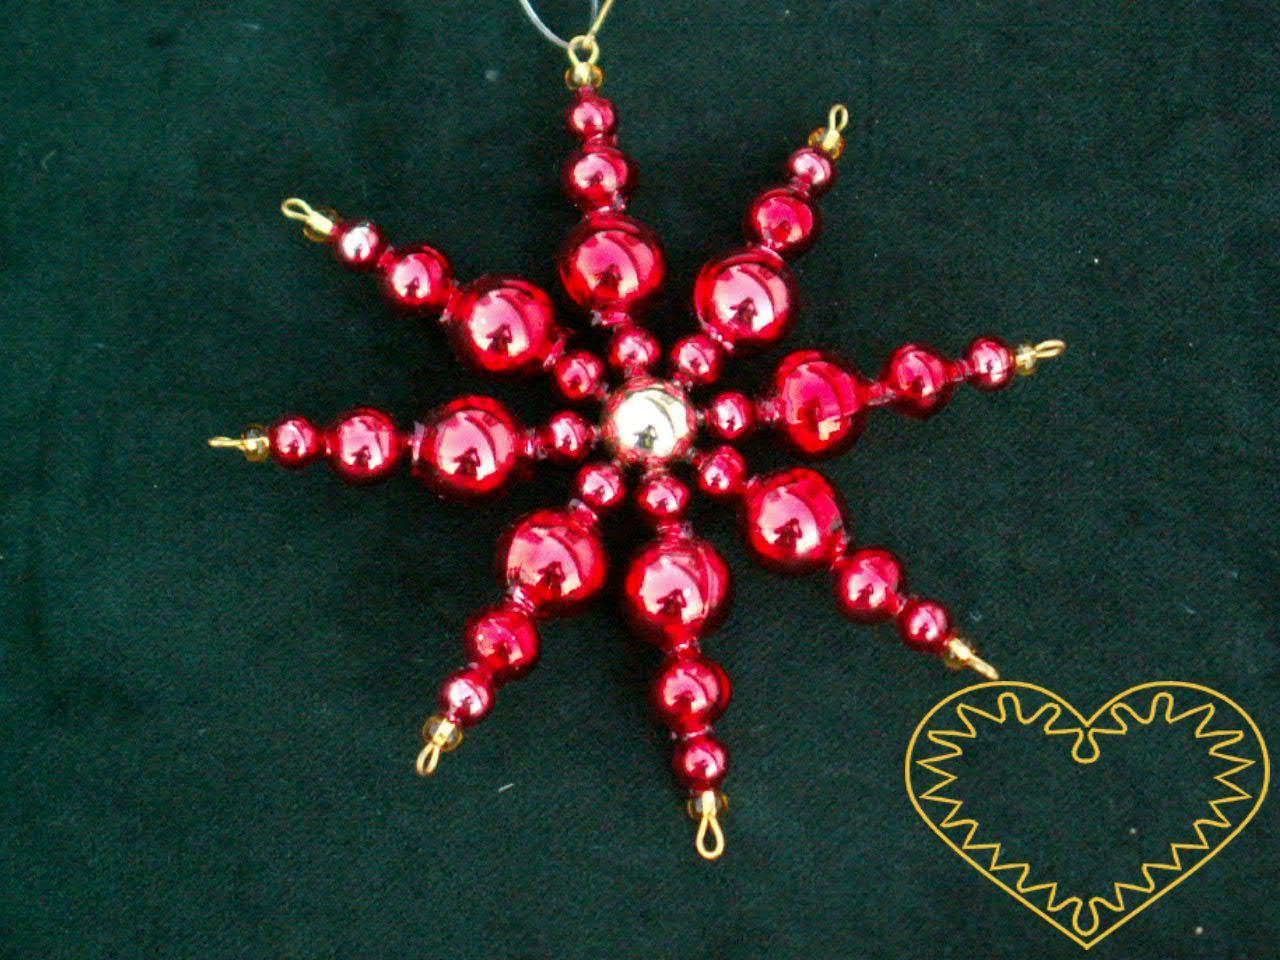 Hvězda se středem červená - krásná vánoční ozdoba ze skleněných perliček. Tento typ originálních ozdob se těší oblibě už od počátku 20. století. Jedná se o rukodělnou práci z oblasti Krkonoš.